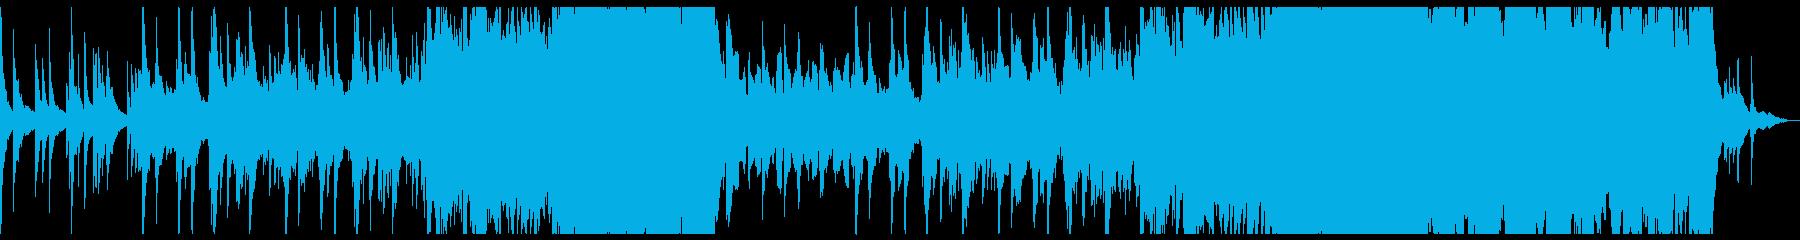 ゆったりした感動的なシネマシンフォ。の再生済みの波形